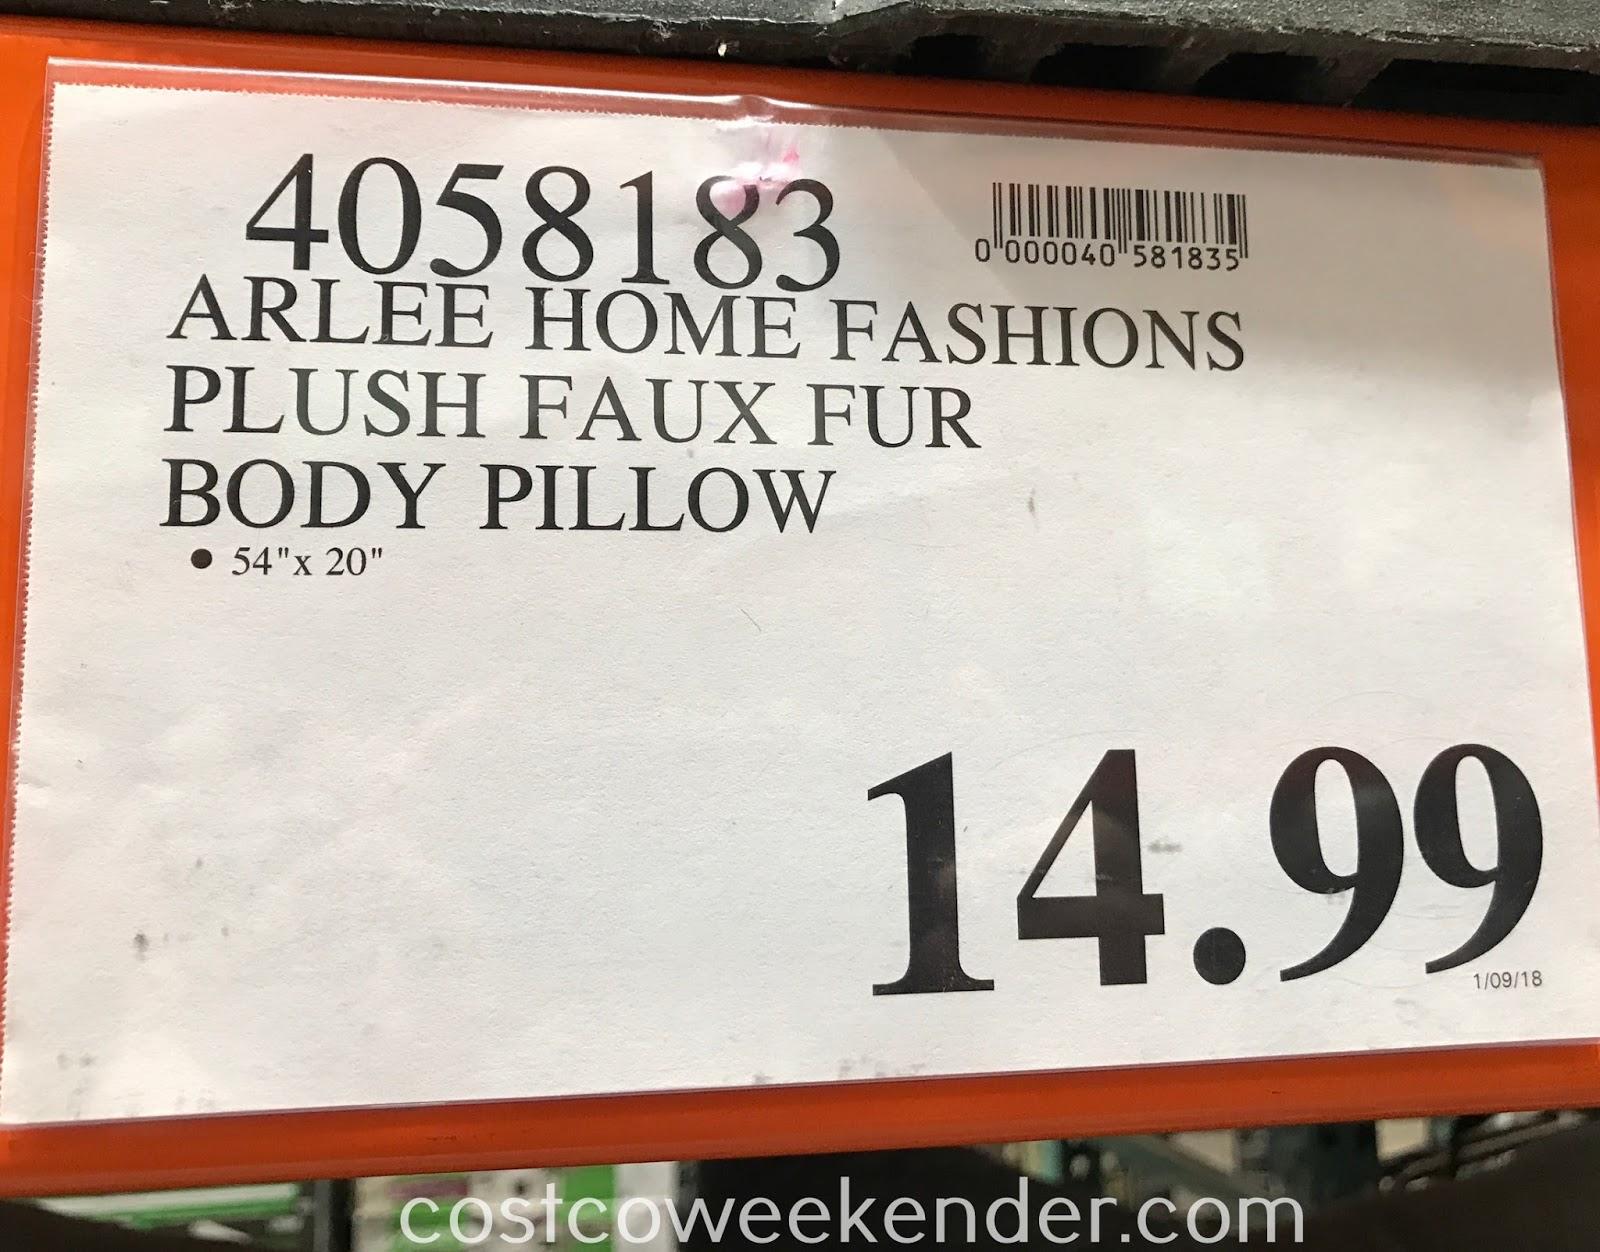 arlee home fashions plush faux fur body